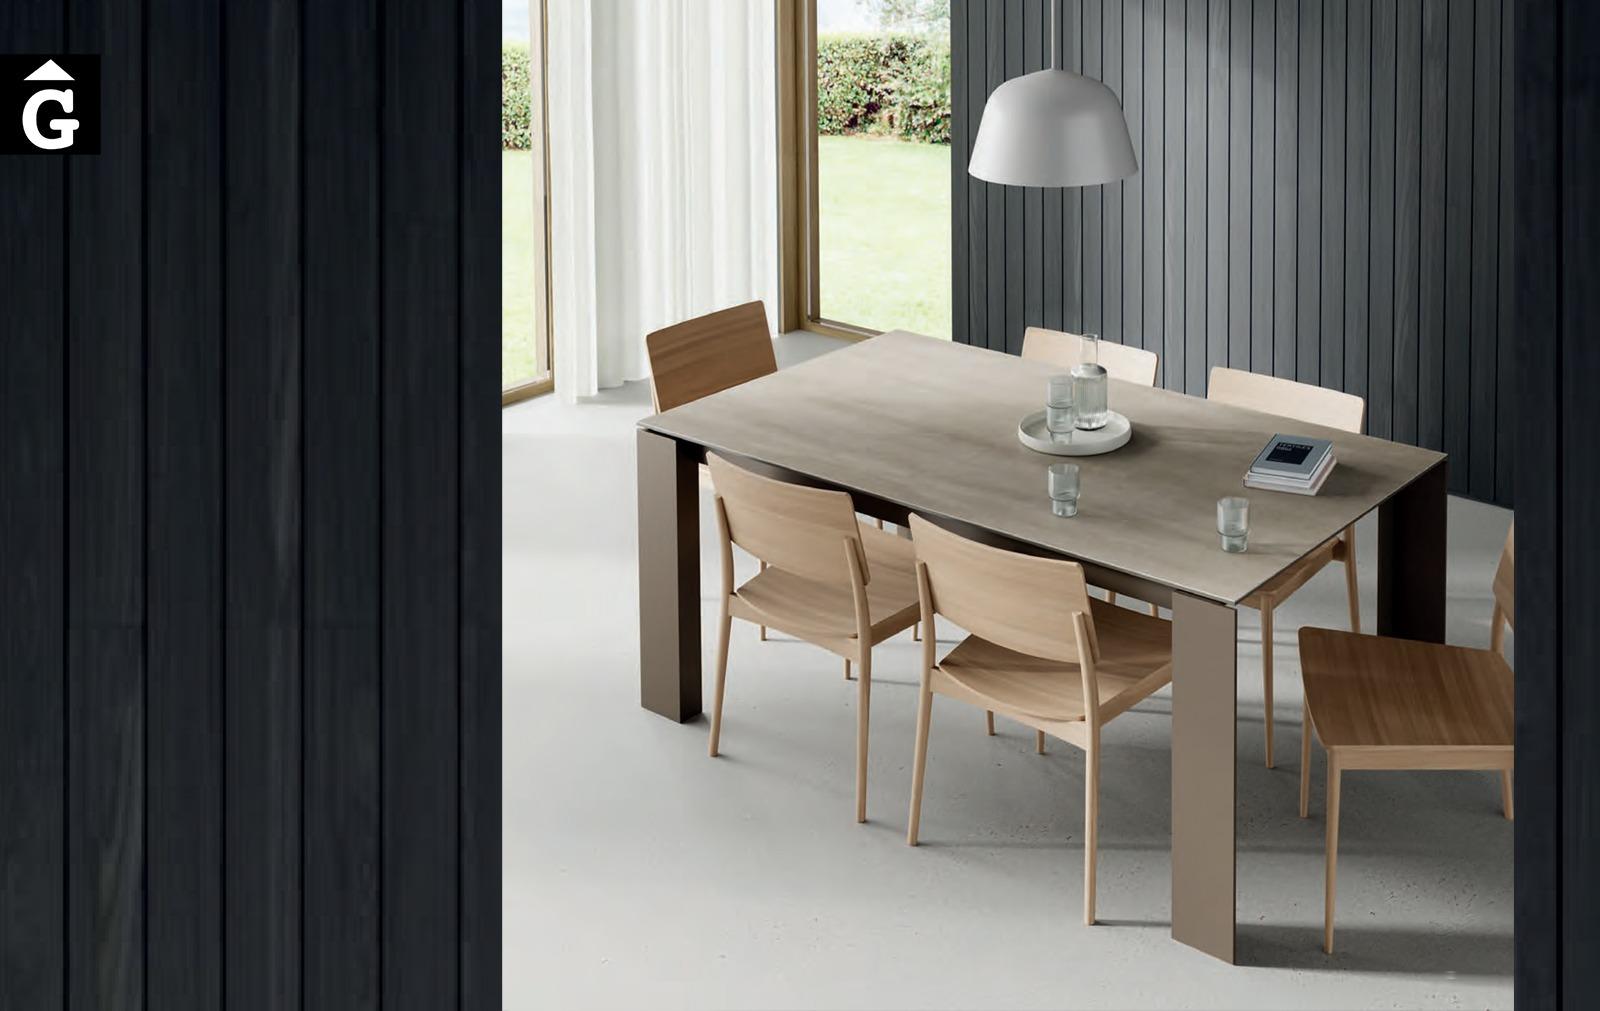 Taula menjador Tavole Porcellànic i metall | Moble de Qualitat | Vive | mobles Gifreu